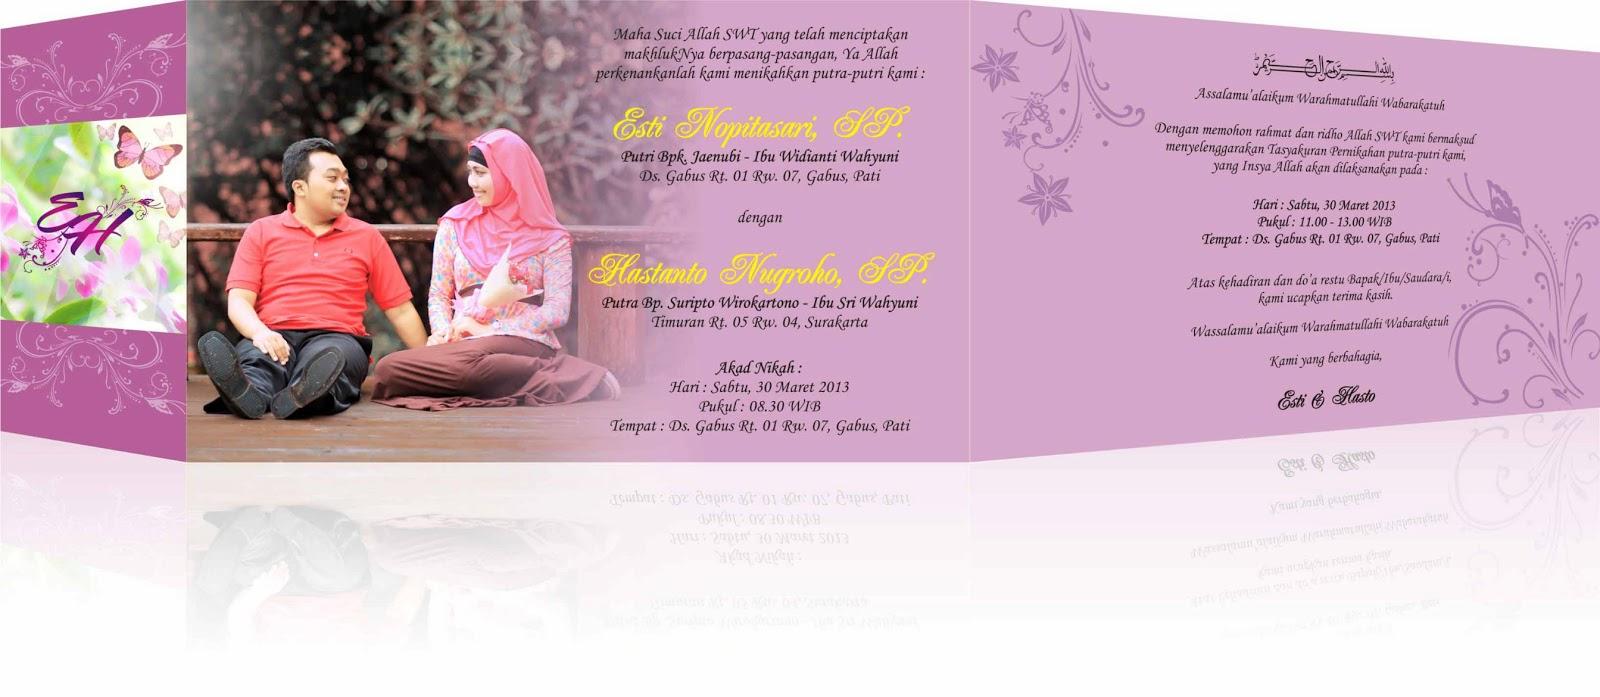 Contoh Undangan Pernikahan Pink Hcgd Desain Dan Percetakan